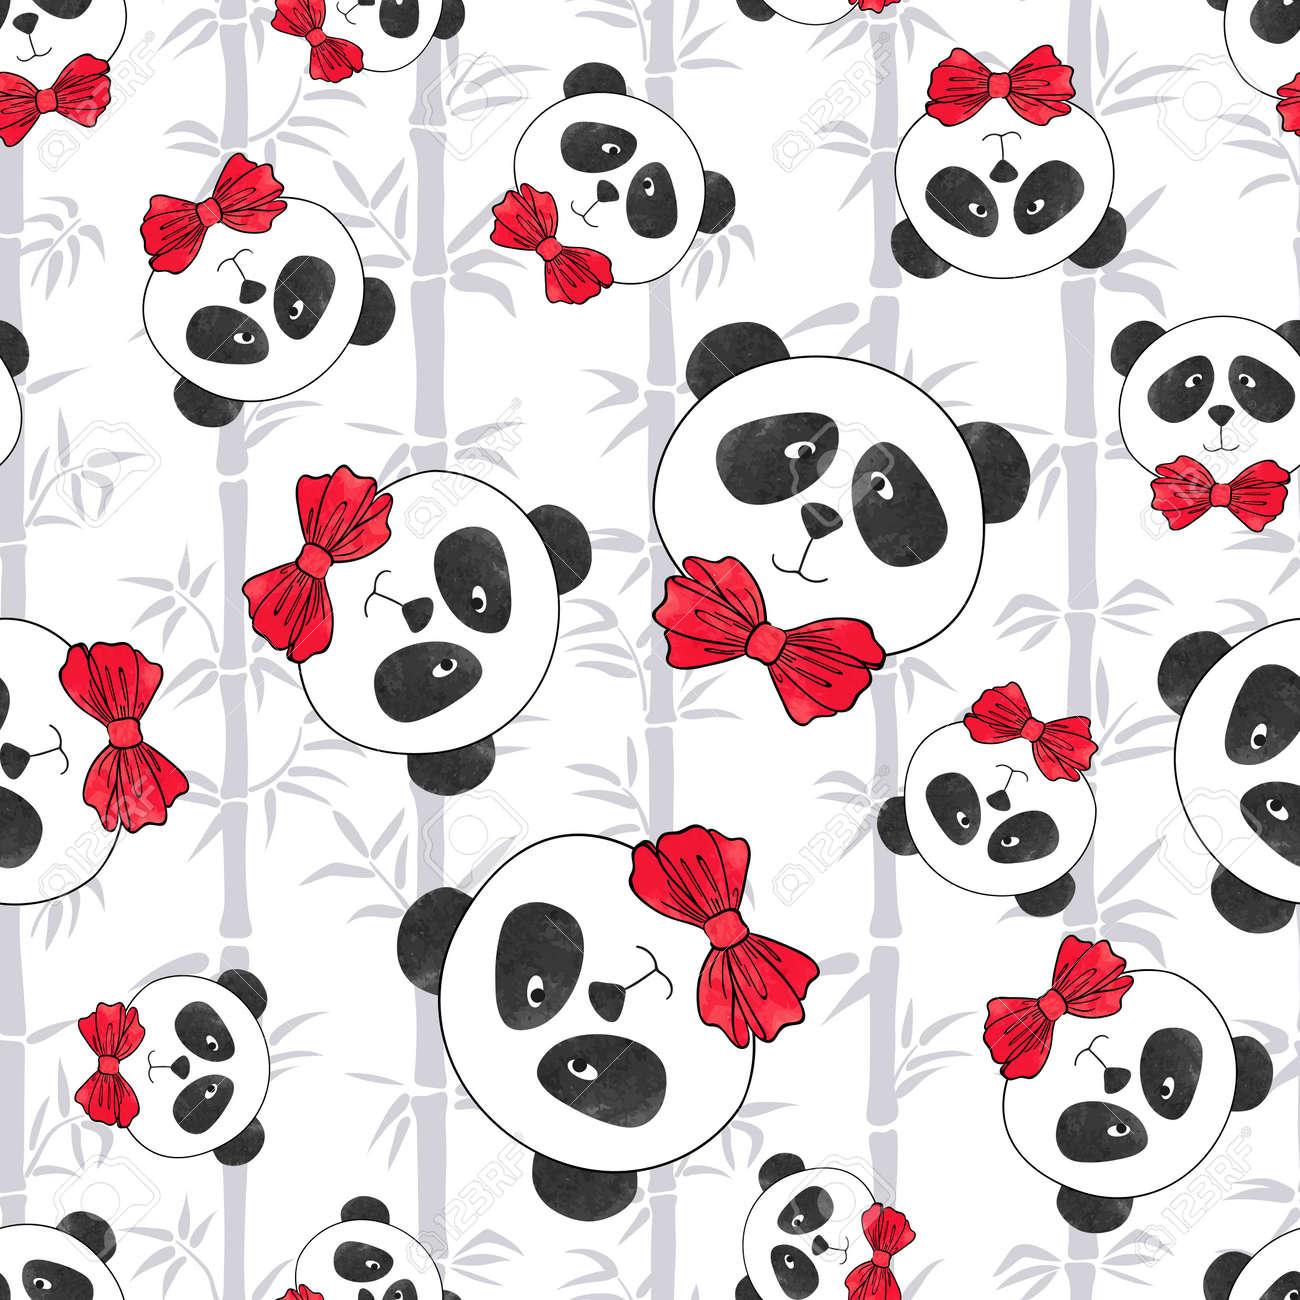 Patrón Sin Costuras Con Panda Y Bambú. Ilustración Vectorial Con ...